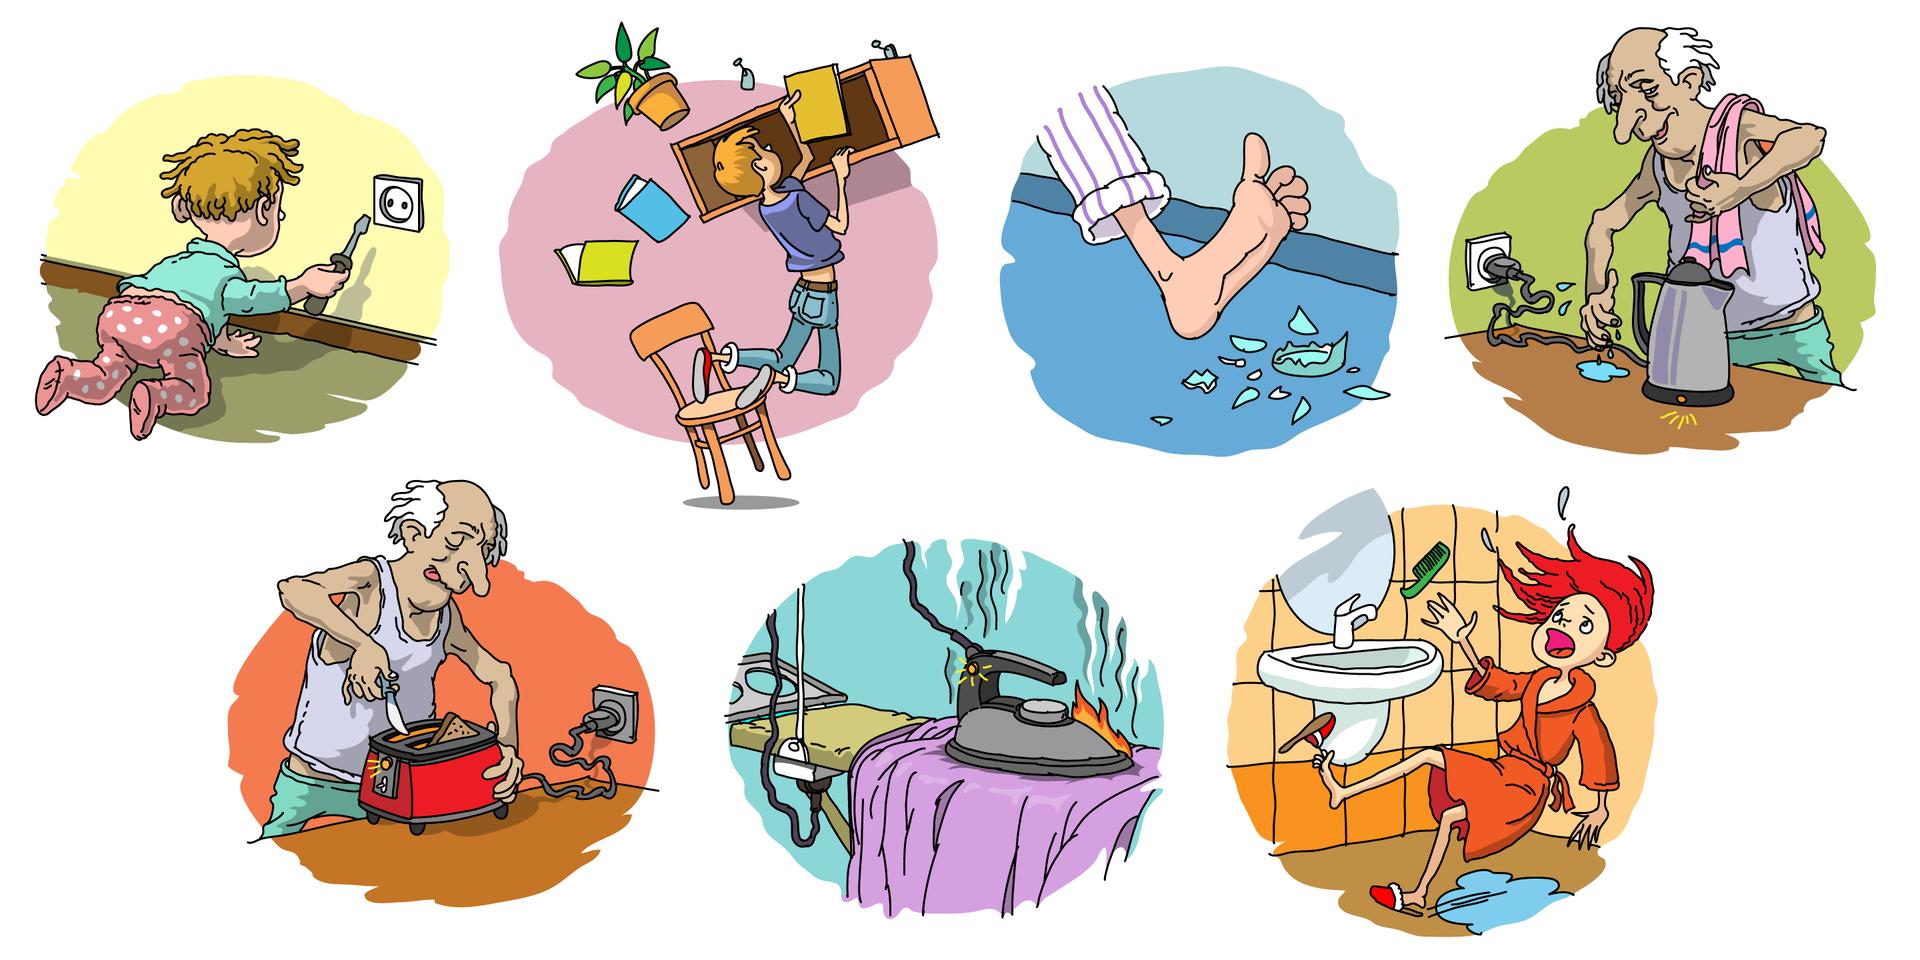 Ilustracja składa się zsiedmiu rysunków ocharakterze komiksowym ułożonych wdwóch rzędach. Przedstawione na rysunkach sytuacje dotyczą niebezpiecznych sytuacji iczynności wykonywanych wdomu. Wpierwszym rzędzie rysunek zlewej strony przedstawia małe raczkujące dziecko naprzeciw ściany. Na ścianie znajduje się kontakt do którego dziecko próbuje włożyć śrubokręt. Drugi rysunek przedstawia ucznia próbującego włożyć książkę na półkę wiszącą wysoko na ścianie. Krzesło, na którym stoi przewraca się iuczeń spada łapiąc za półkę, która zrywa się zhaka. Trzeci rysunek przedstawia gołą stopę wspodniach od pidżamy wykonującą krok wprost na rozbite kawałki butelki leżące na podłodze. Czwarty element przedstawia starszego mężczyznę gotującego wodę welektrycznym czajniku. Mężczyzna ma ręcznik przerzucony przez ramię iwyraźnie mokrą dłoń, którą chce złapać za przewód podłączony do prądu. Rząd drugi rozpoczyna rysunek tego samego starszego mężczyzny próbującego metalowym nożem wyjąć zpodłączonego do prądu tostera wyjąć zaklinowaną grzankę. Drugi rysunek wtym rzędzie przedstawia deskę do prasowania ipodłączone do prądu żelazko pozostawione leżące na prasowanym ubraniu. Nad żelazkiem unoszą się kłęby dymu, ana styku stopy itkaniny widać płomienie. Ostatni rysunek przedstawia łazienkę, fragment zumywalką ilustrem. Dziewczyna wszlafroku ipantoflach przewraca się iupada po poślizgnięciu na plamie wody zalegającej na podłodze.